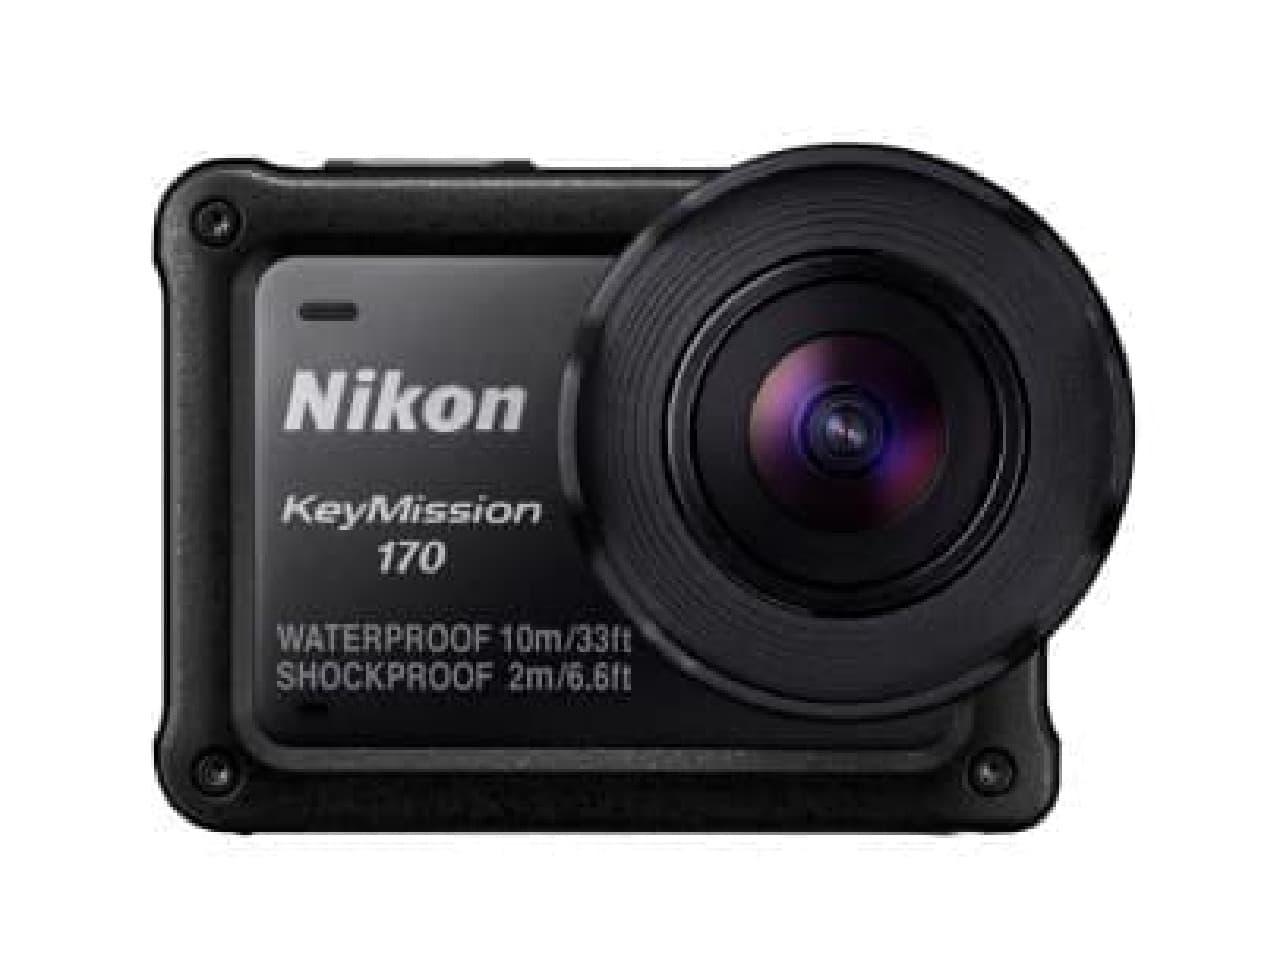 ニコンのアクションカメラ「KeyMission 170」